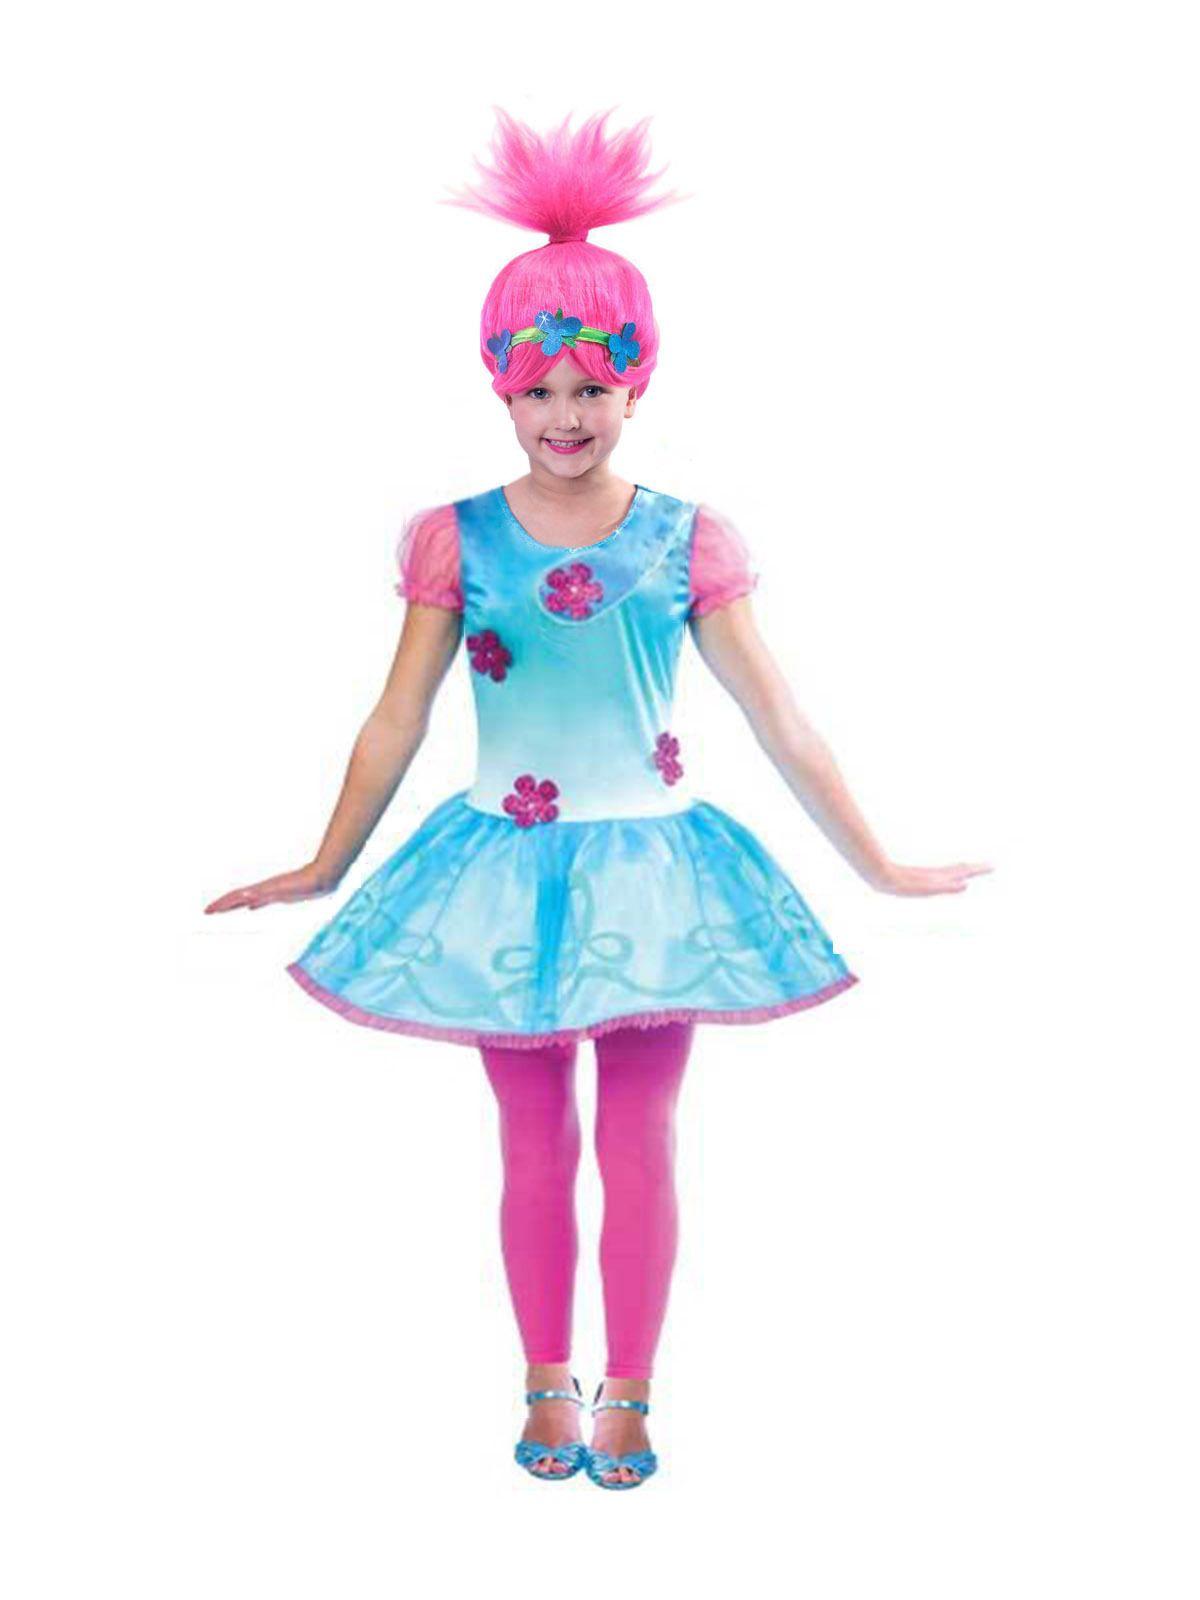 Новый год Тролли Мак Косплей костюмы Платья для девочек Бобо Рождество платье девочку Одежда Карнавальные костюмы парик Set